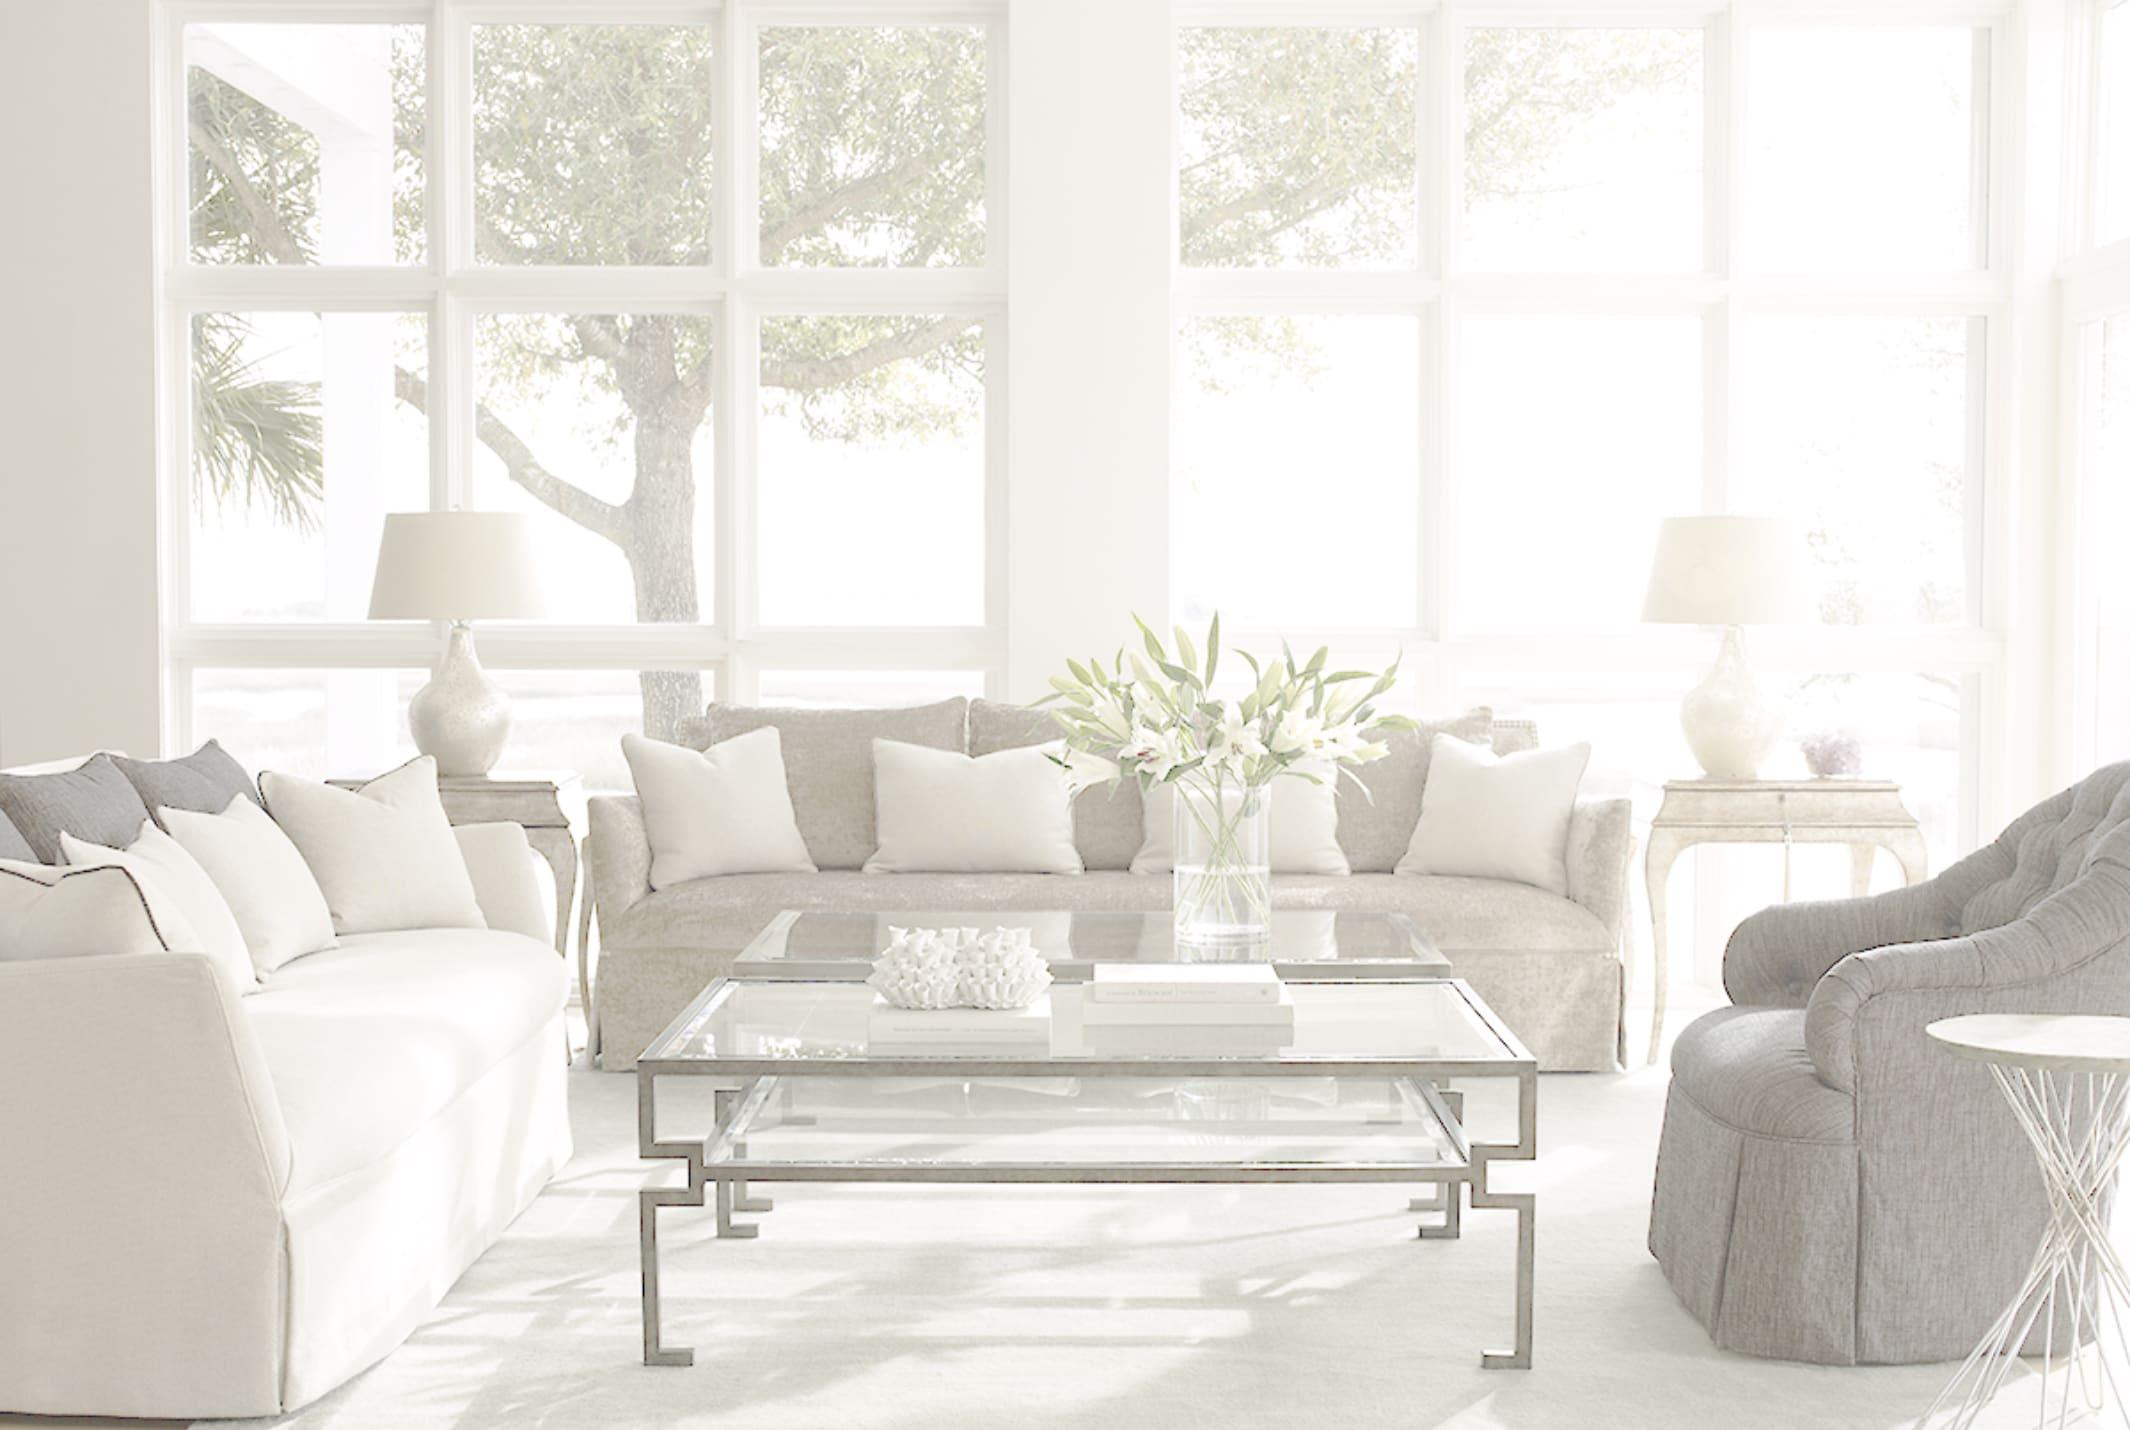 WO_Home Fashion_Furniture16